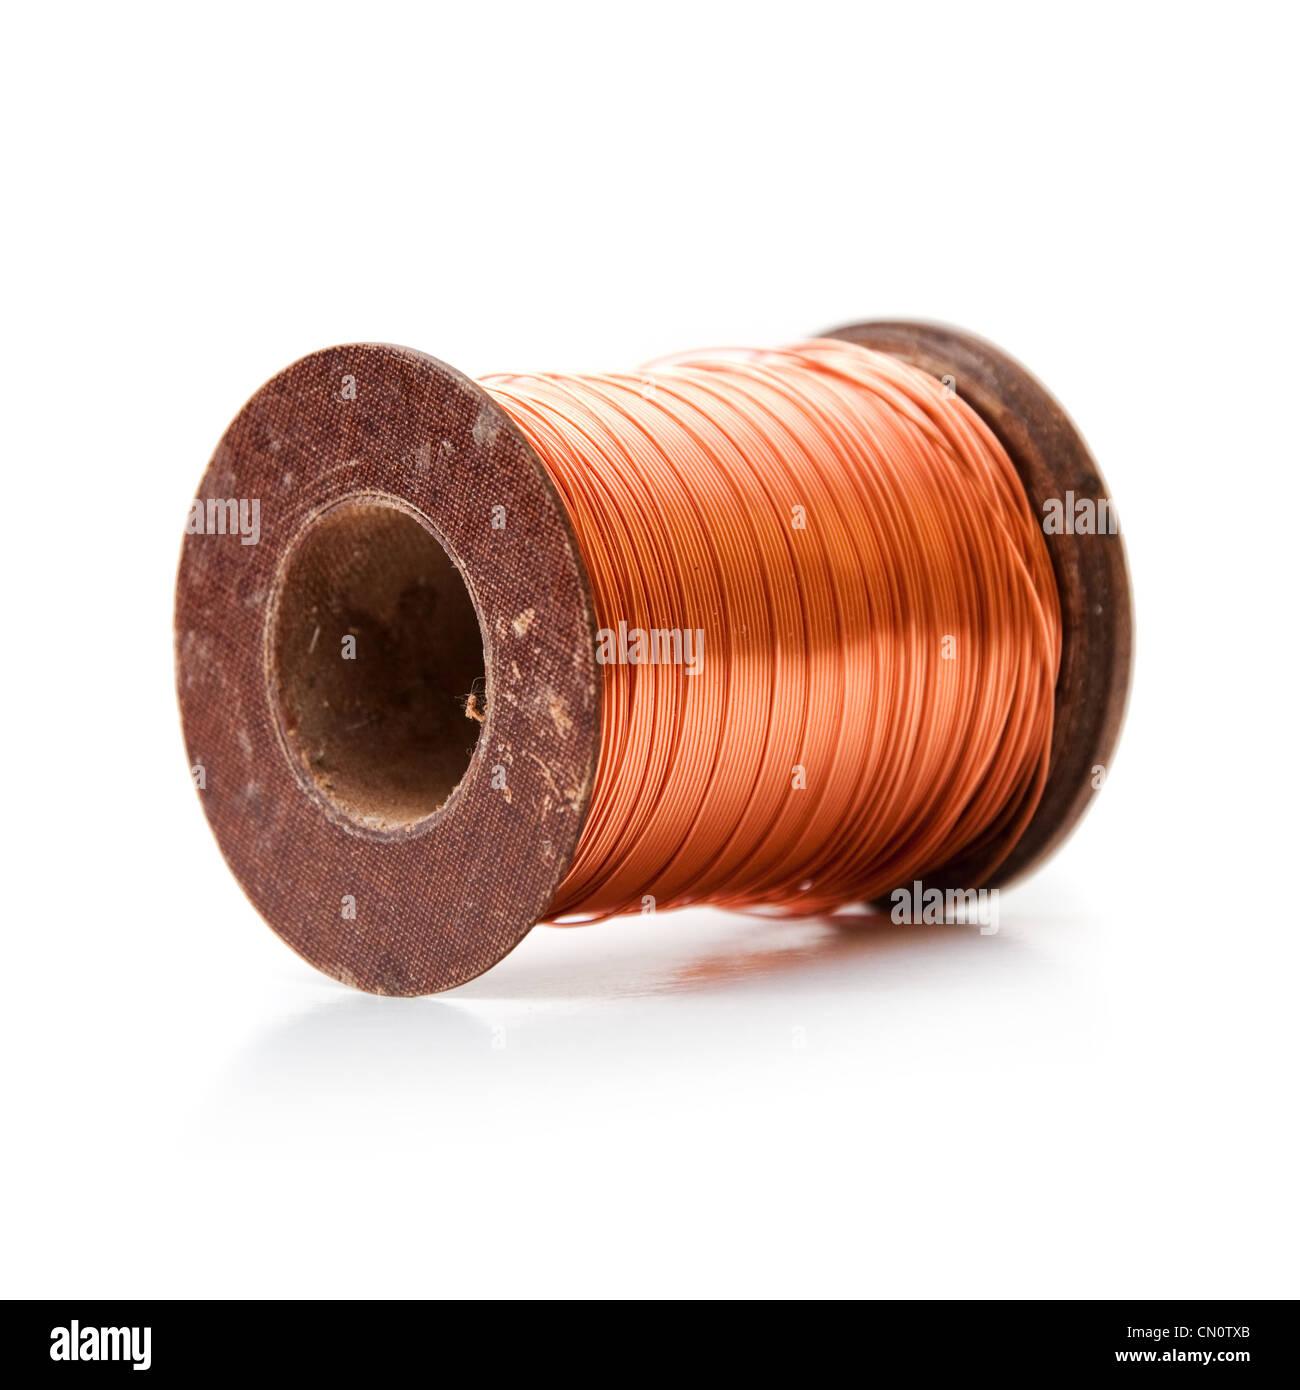 Kupferdraht auf einer Spule aufgerollt Stockfoto, Bild: 47348067 - Alamy